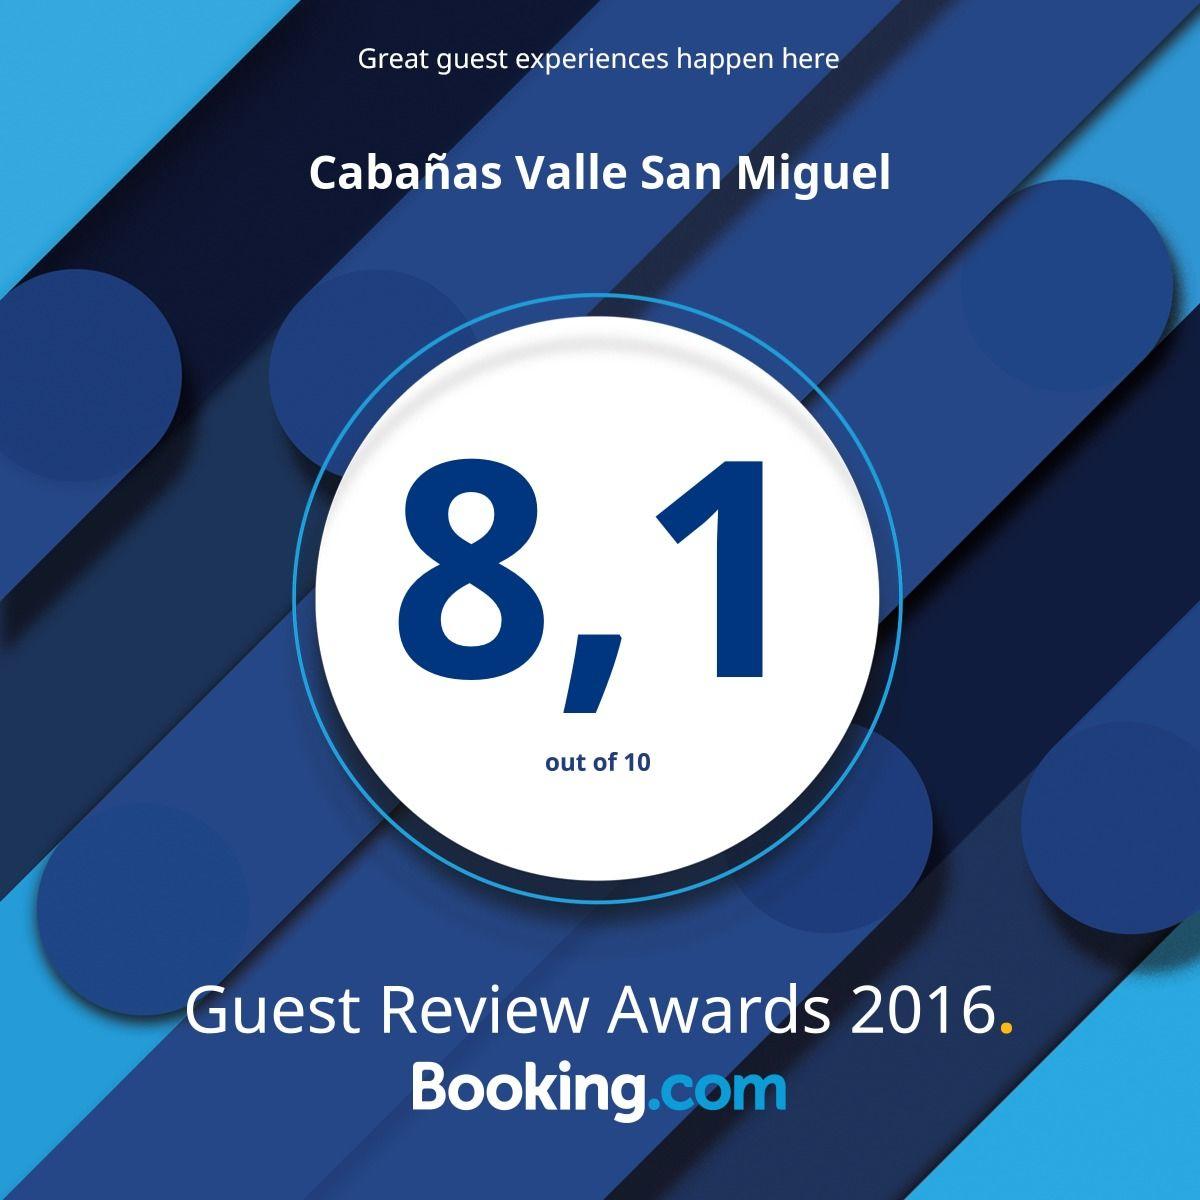 Establecimiento Premiado con el Guest Review Award 2016